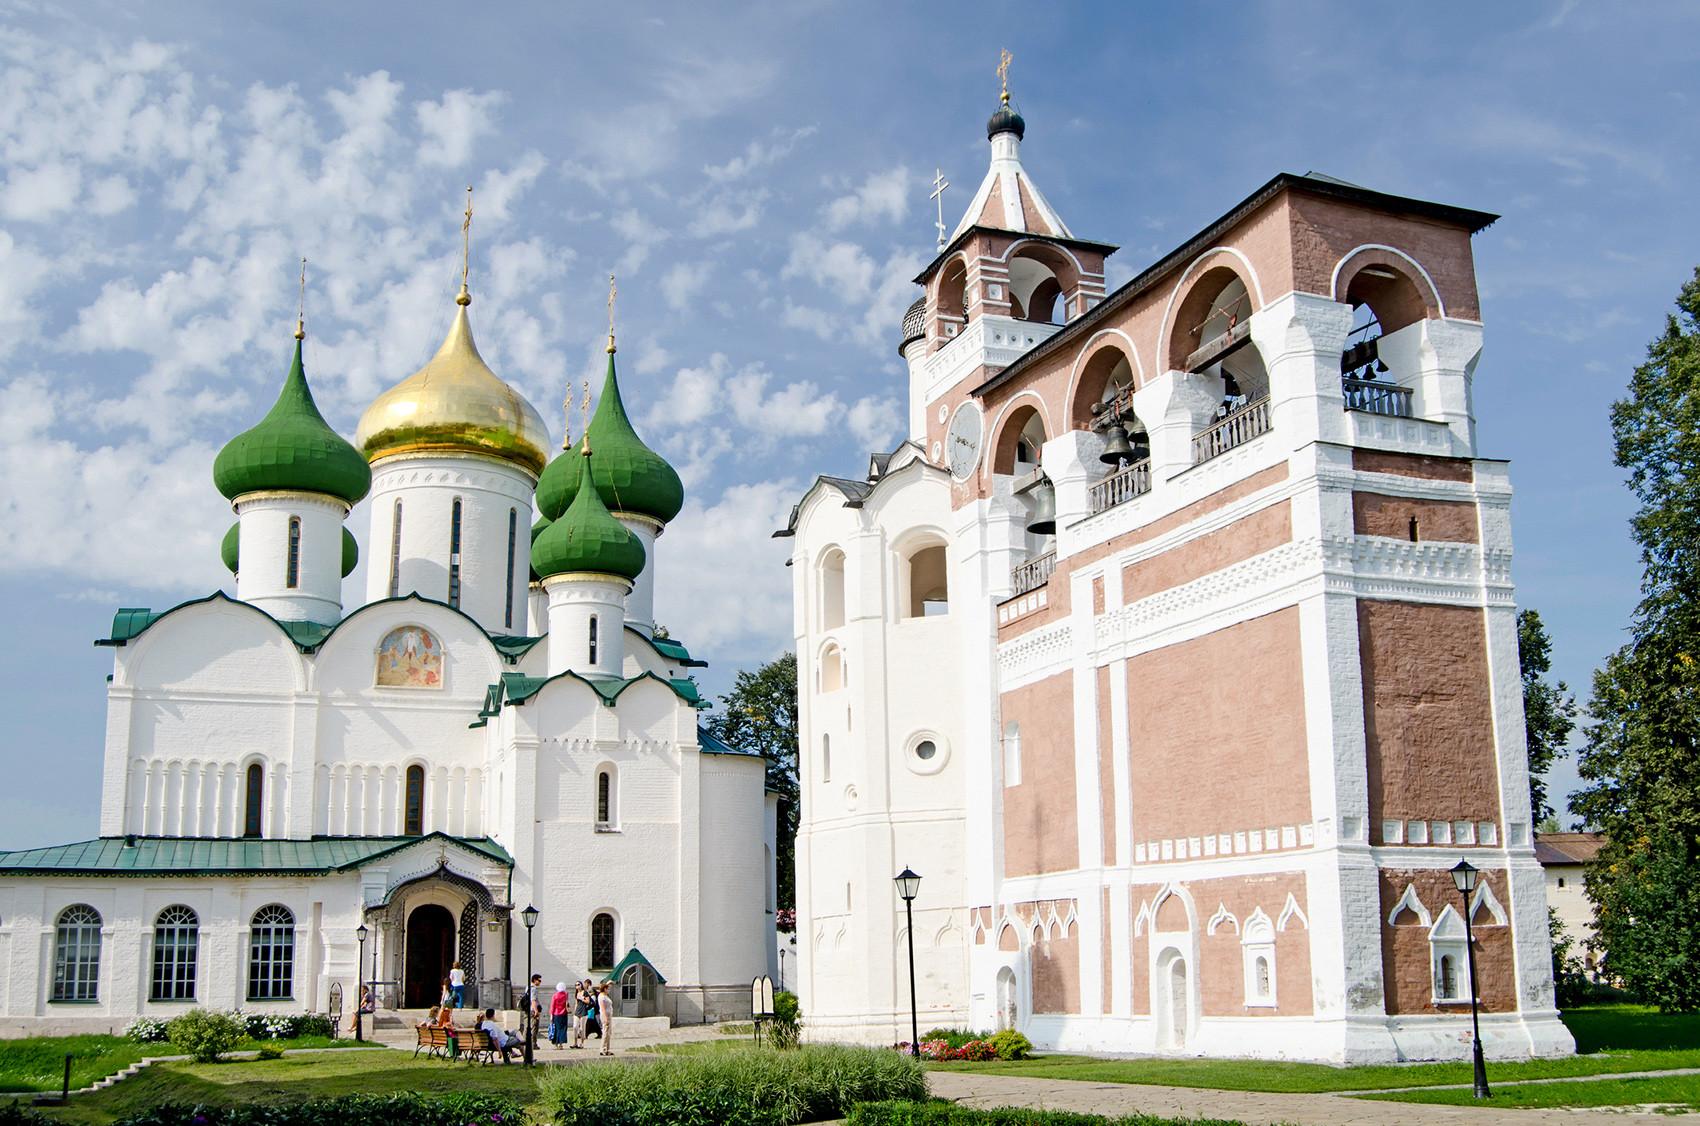 ポクロフスキー女子修道院